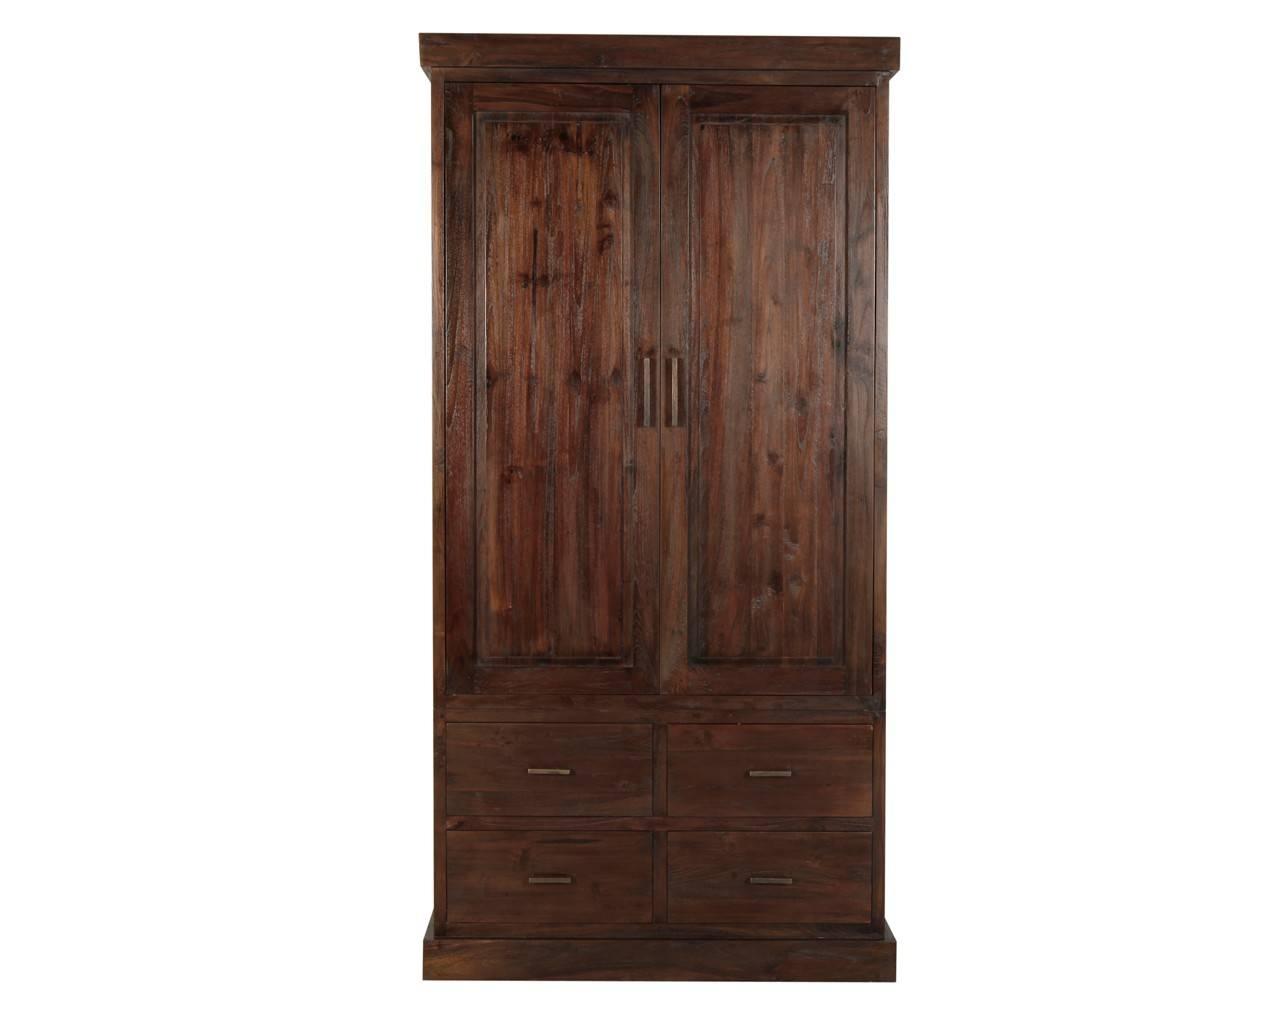 Puji: Reclaimed Teak Wardrobes | Dark Wood Gents Wardrobe With Regard To Solid Dark Wood Wardrobes (View 16 of 30)